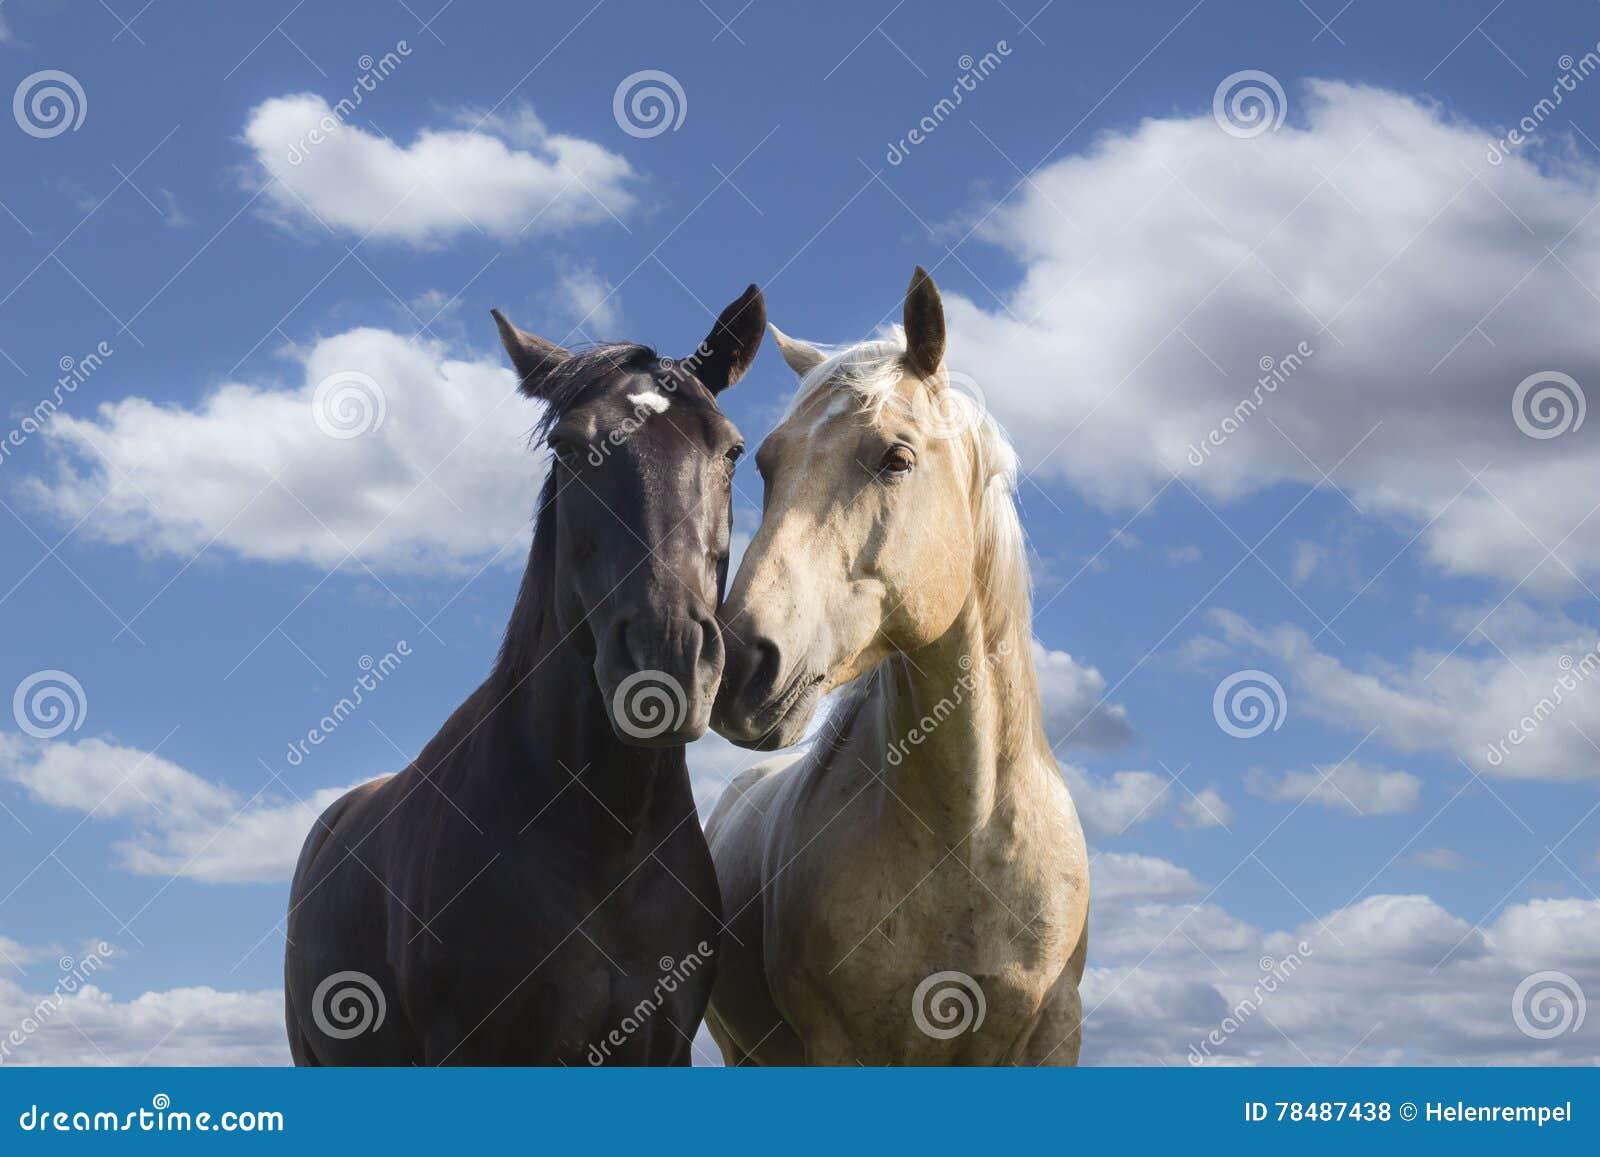 Två hästar som nuzzling mot en blå himmel med vita moln